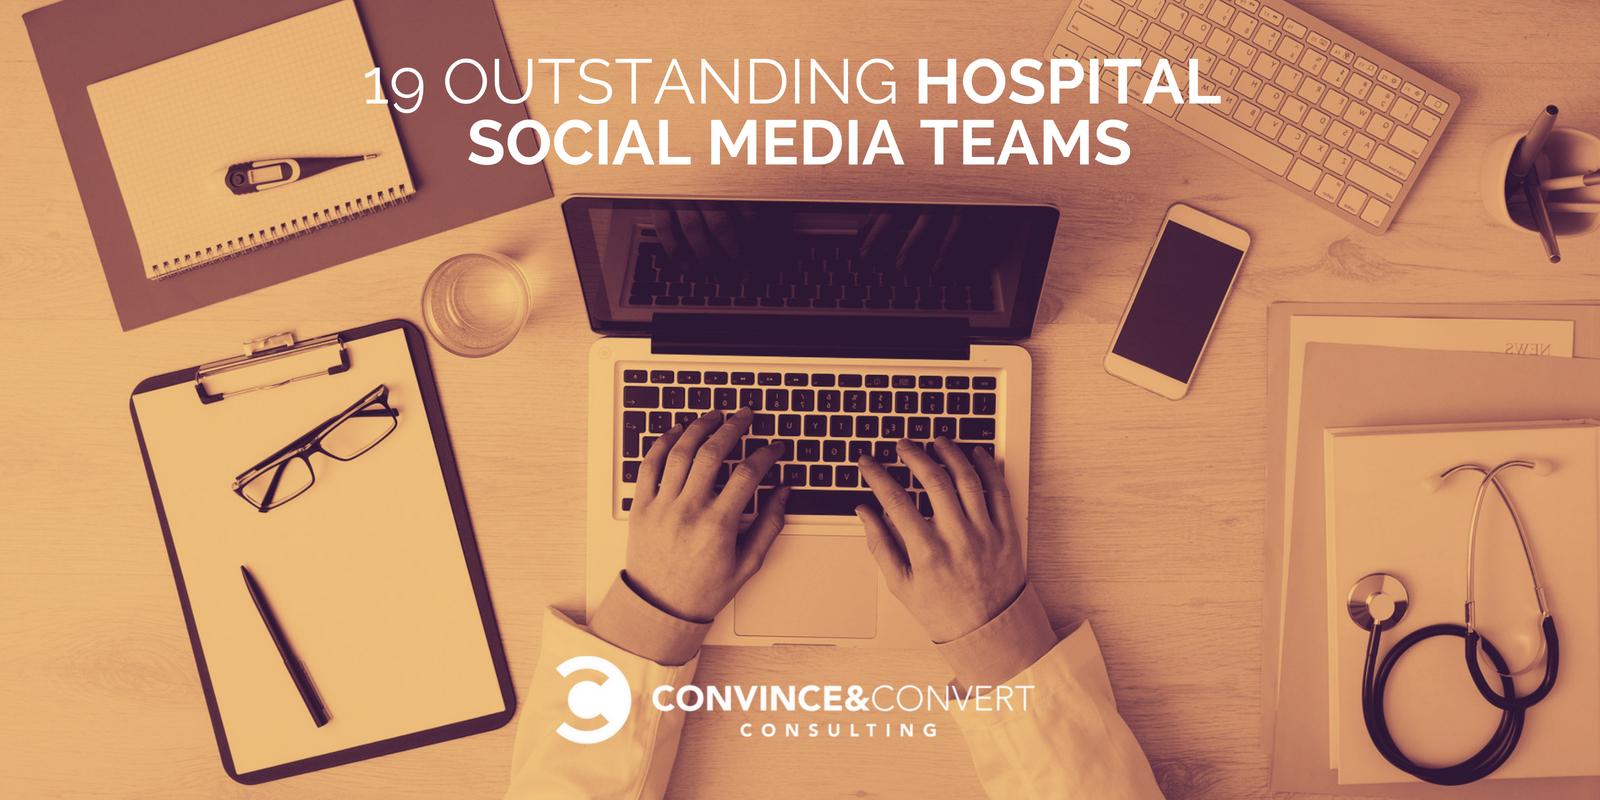 19 straordinarie squadre di media sociali ospedalieri